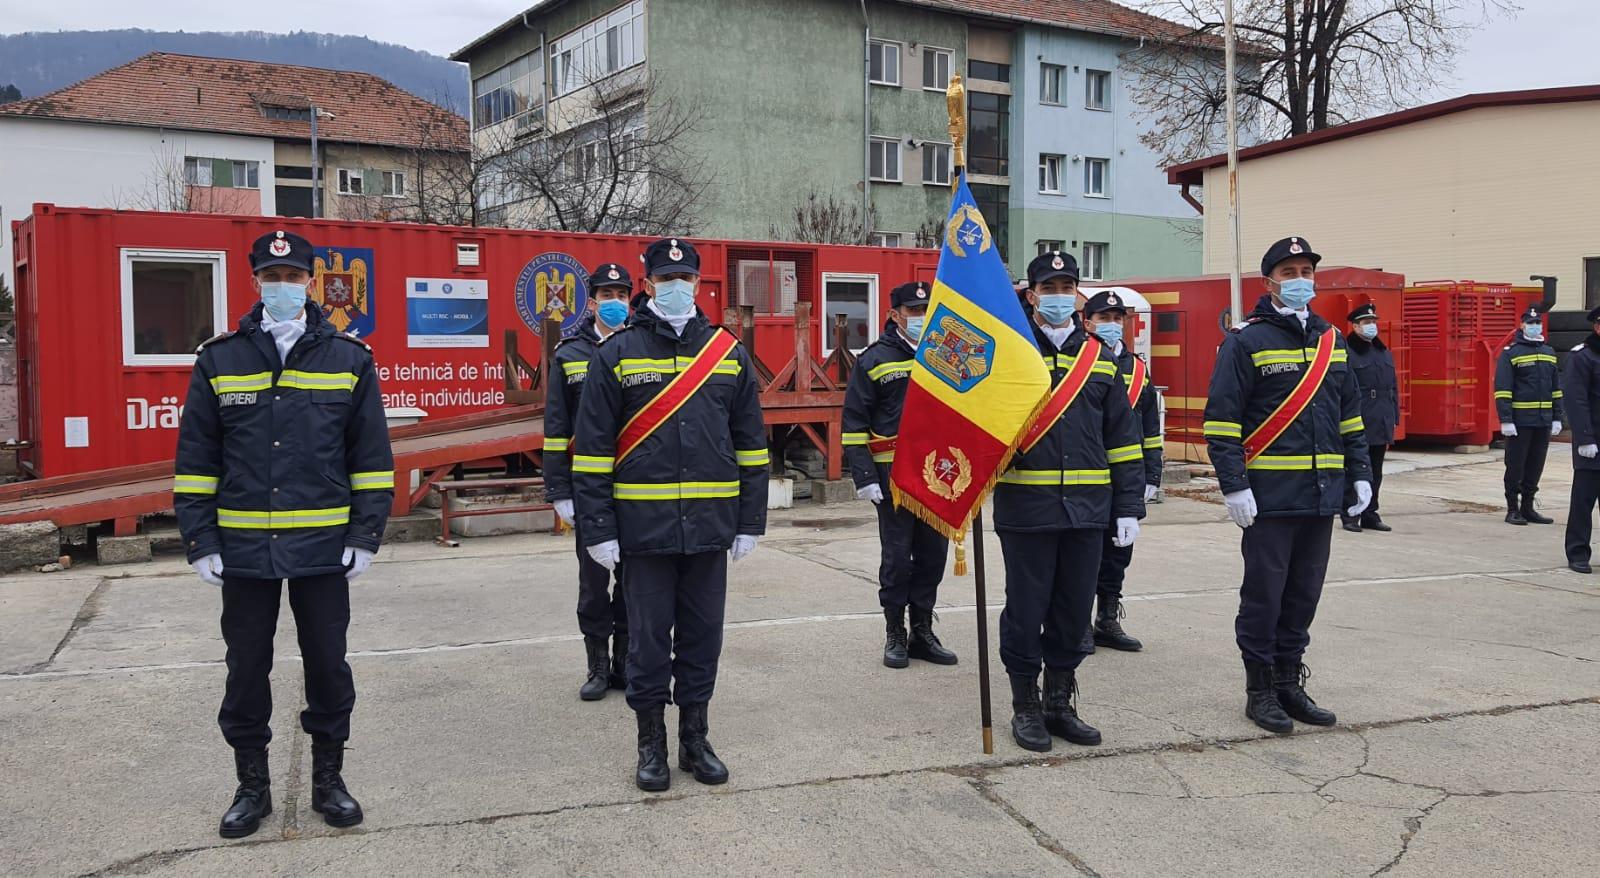 Avansări în grad și depunerea jurământului militar la ISU Neamț, cu ocazia Zilei Naționale